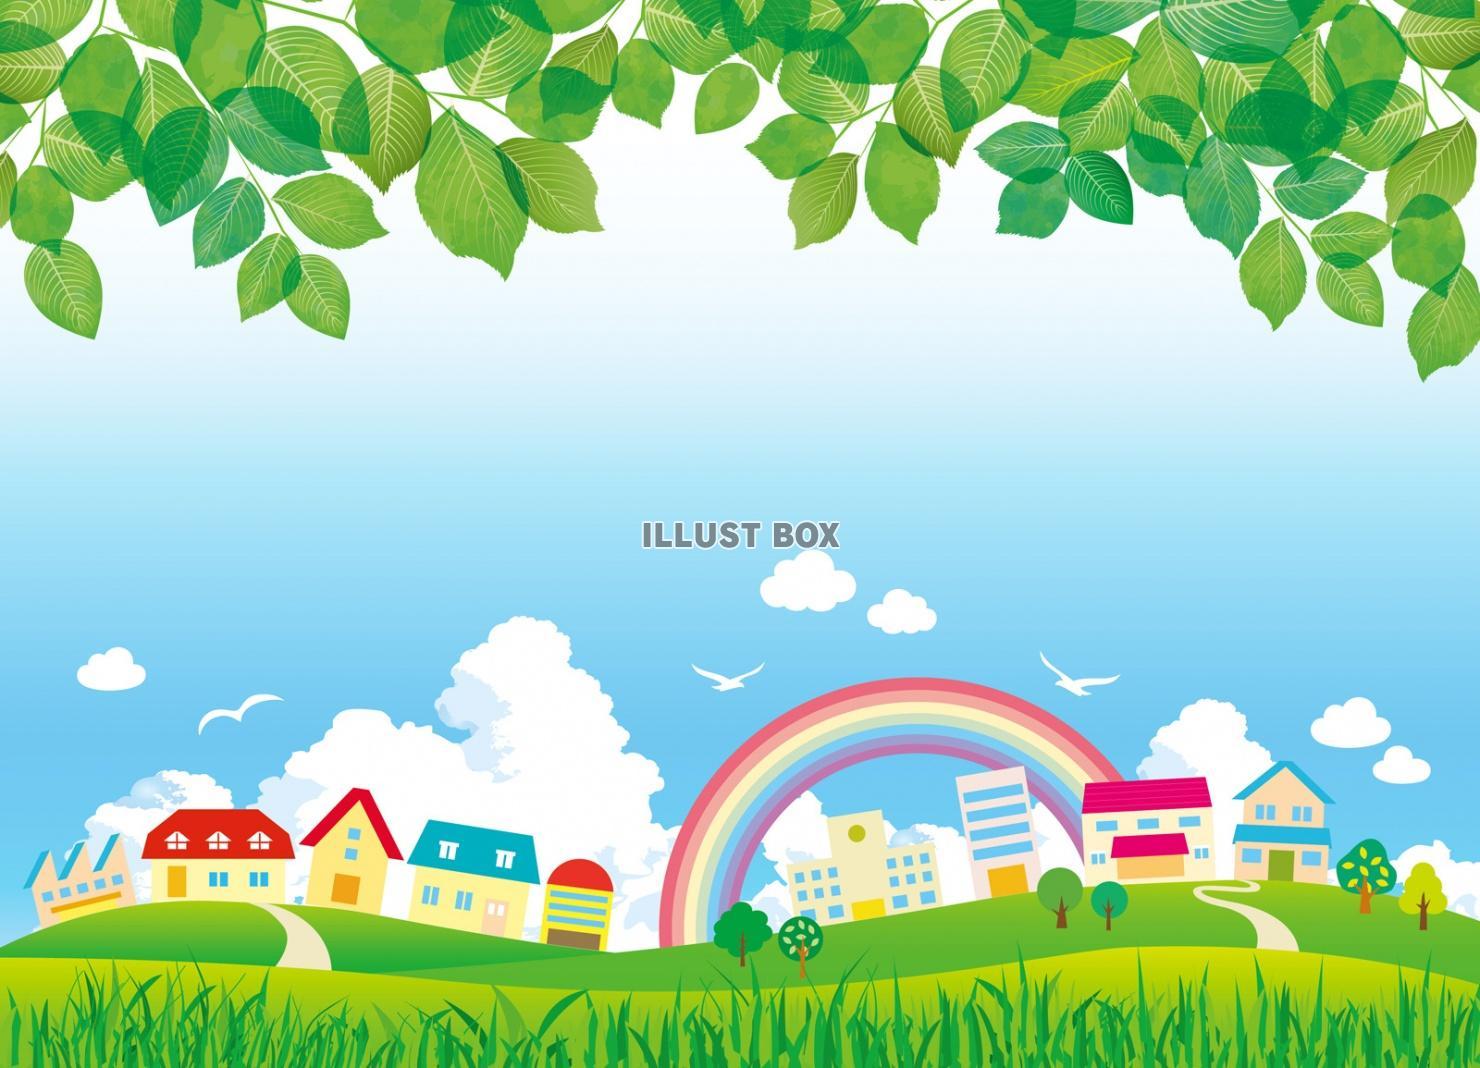 無料イラスト 背景 家 町並み 春 夏 イラスト 壁紙 初夏 新緑 景色